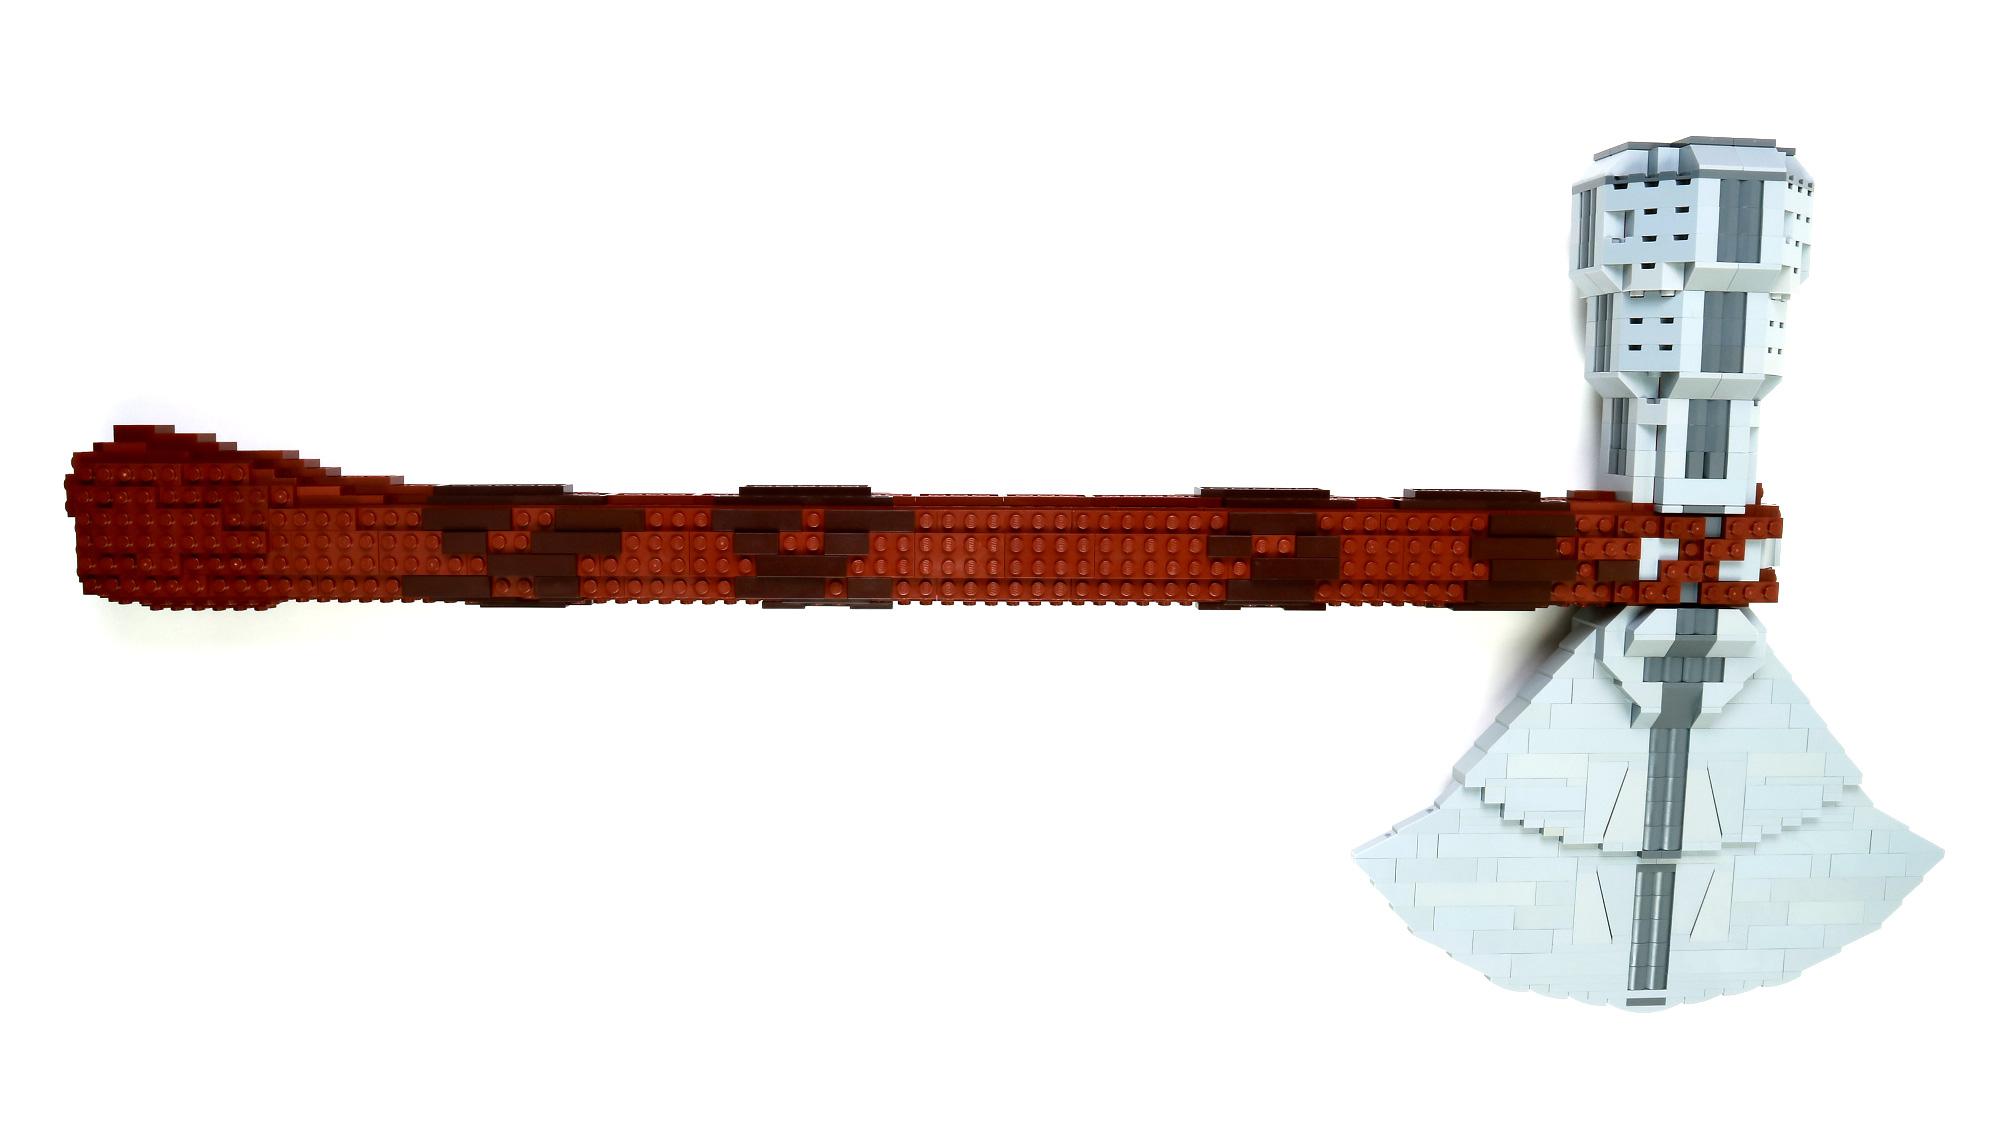 lego moc axe of thor